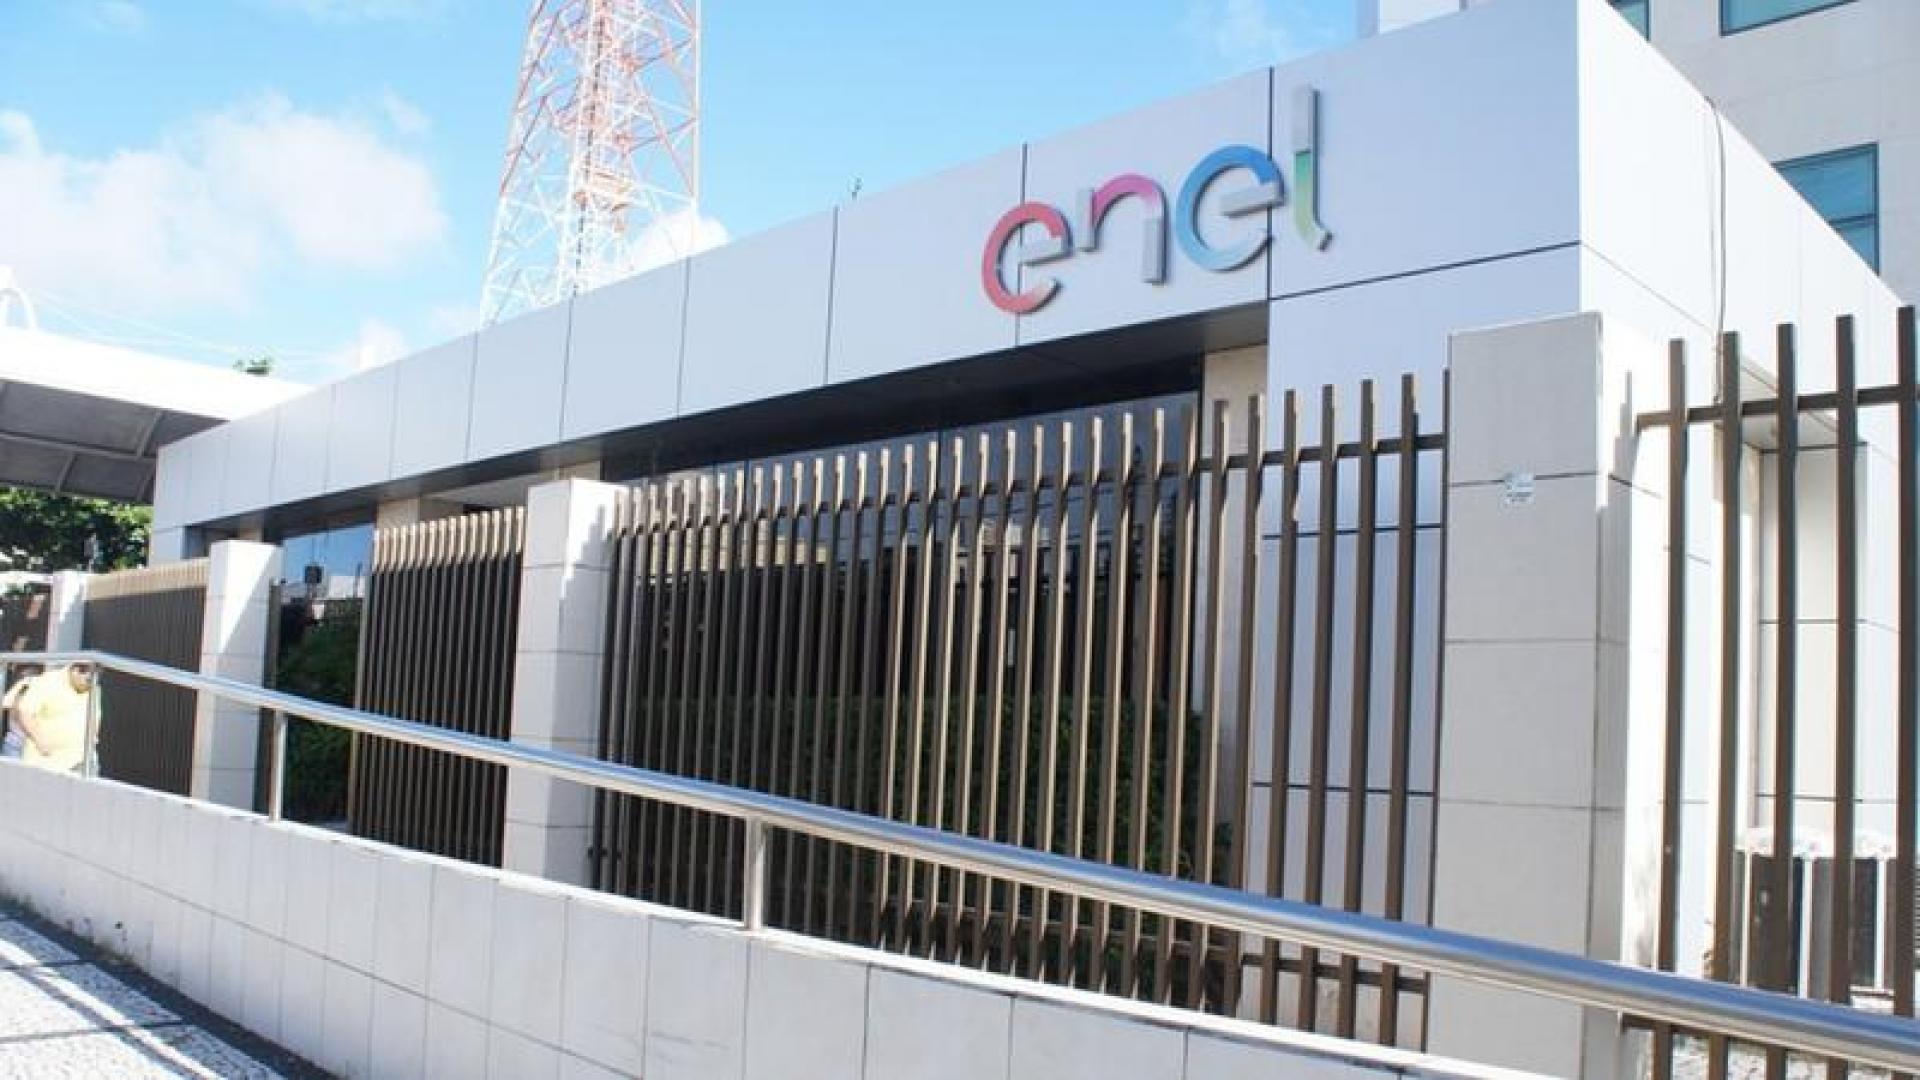 Enel Ceará também abriu a possibilidade de renegociação de débitos com descontos. (Foto: Divulgação)